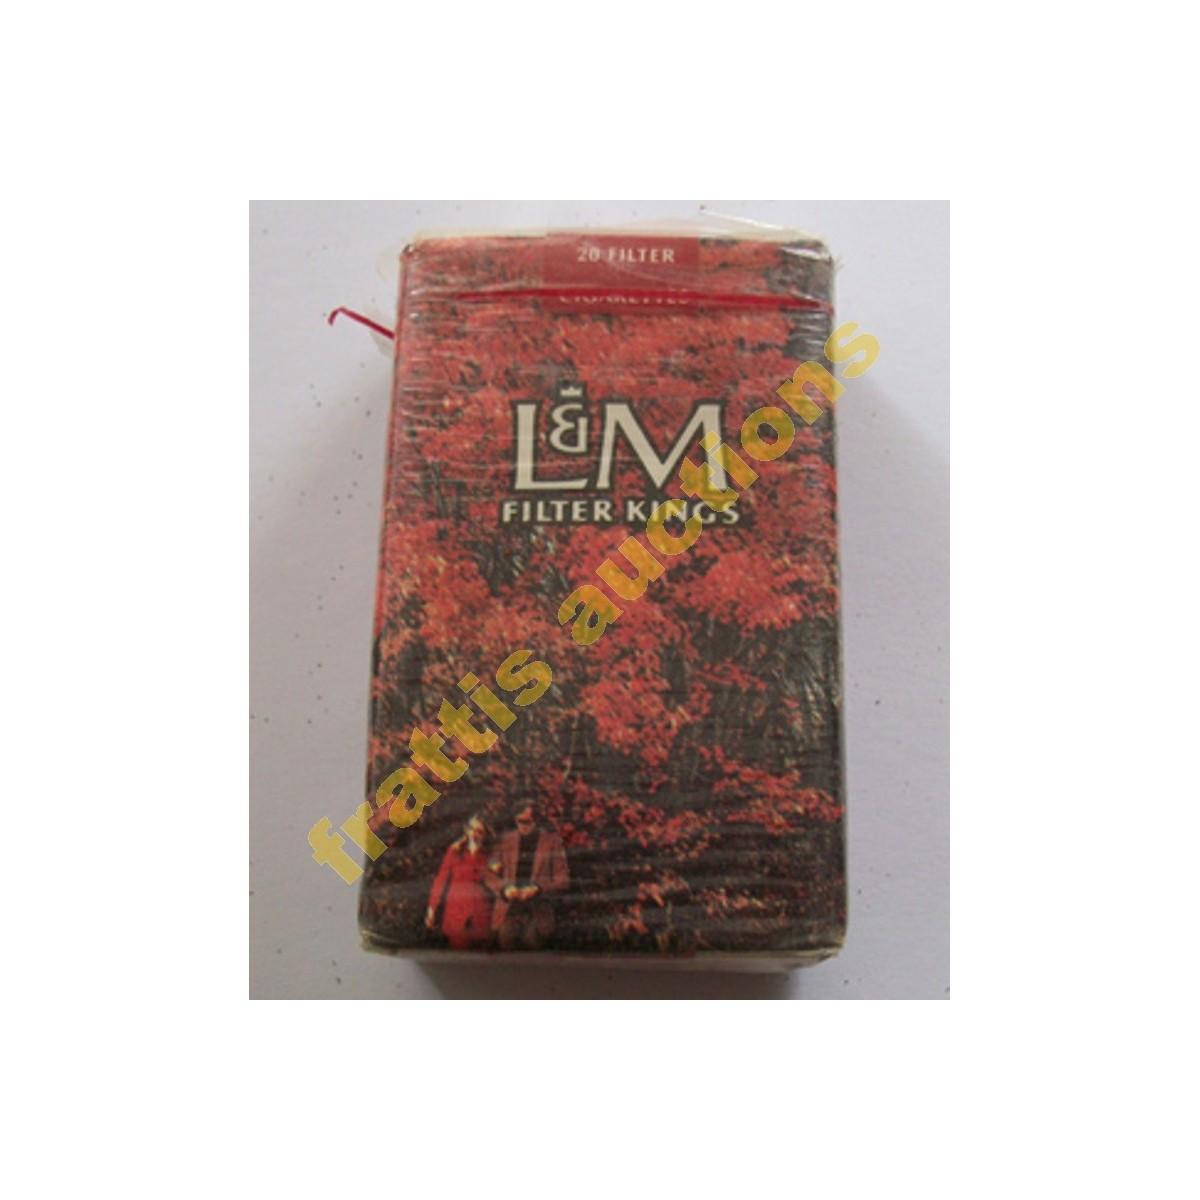 Χάρτινο πακέτο των 20 τσιγάρων L&M, Super Kings.